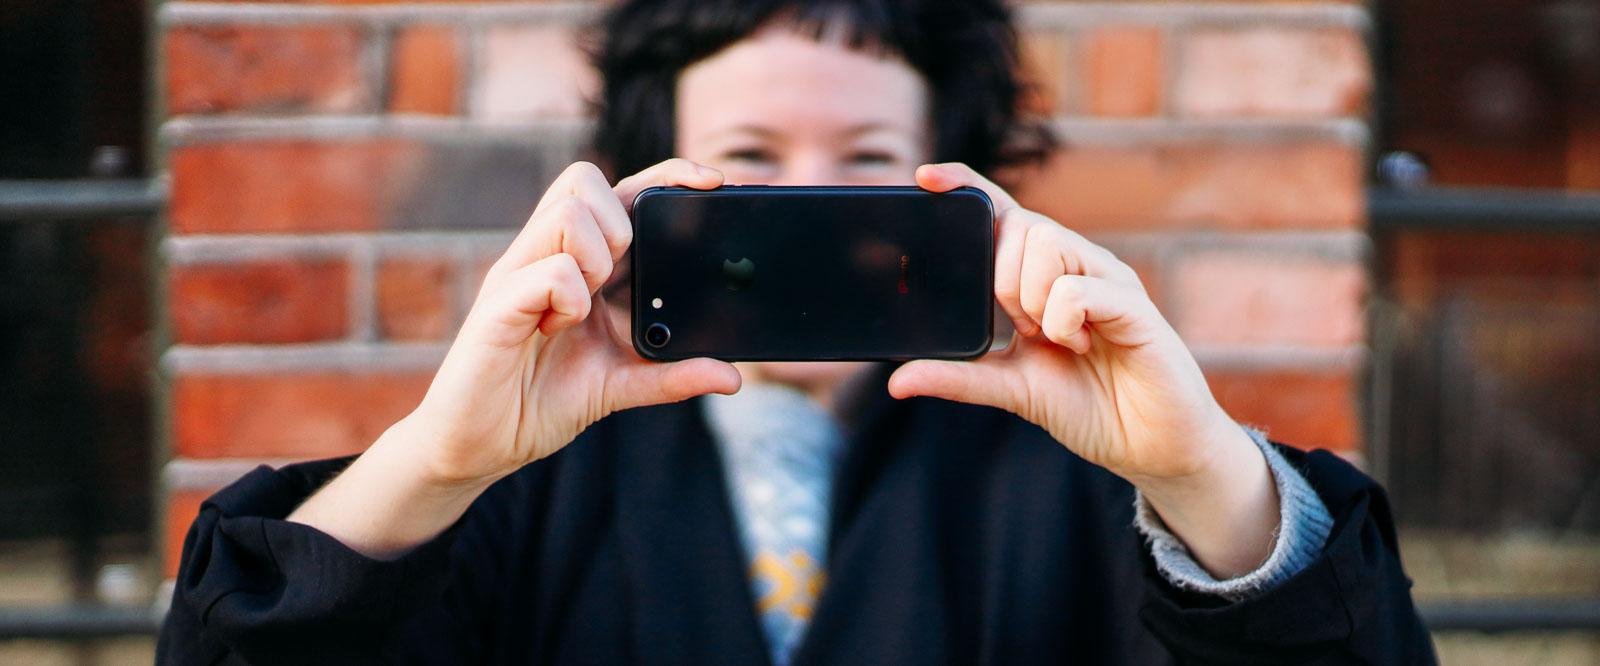 Onlinekurs Fotografera med din iPhone